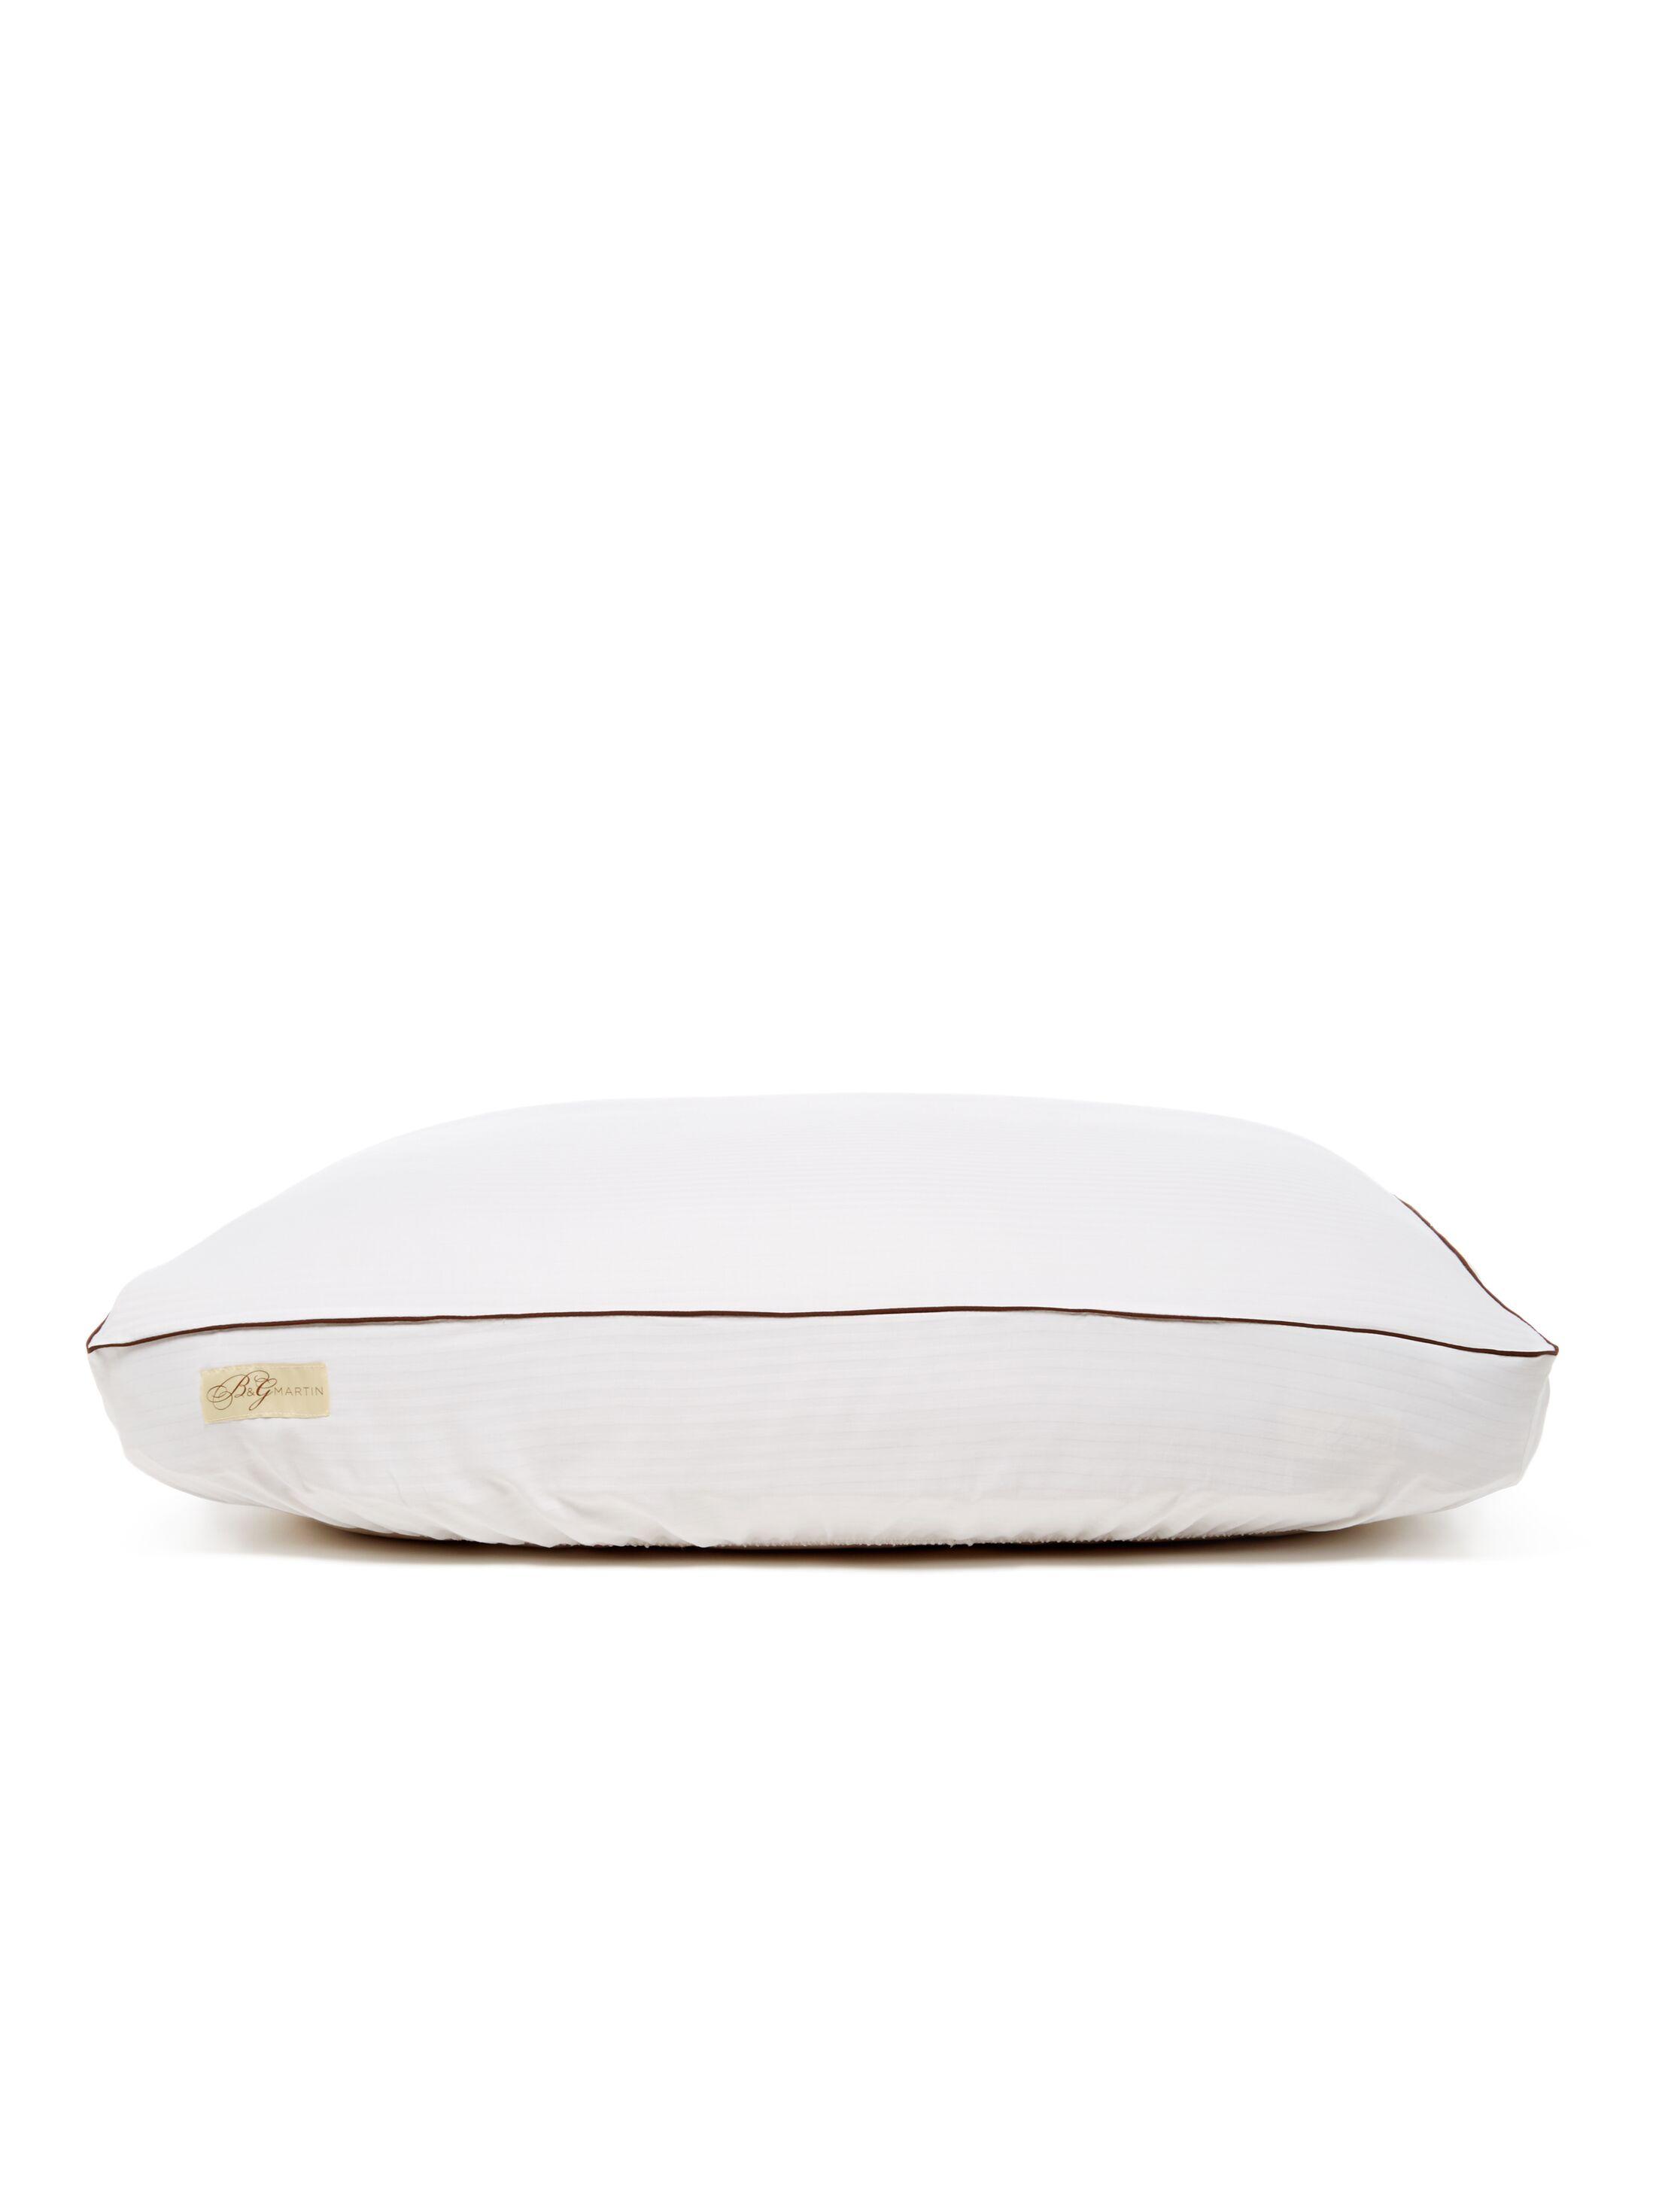 Premium Frette Dog Bed Cover Size: Small (18